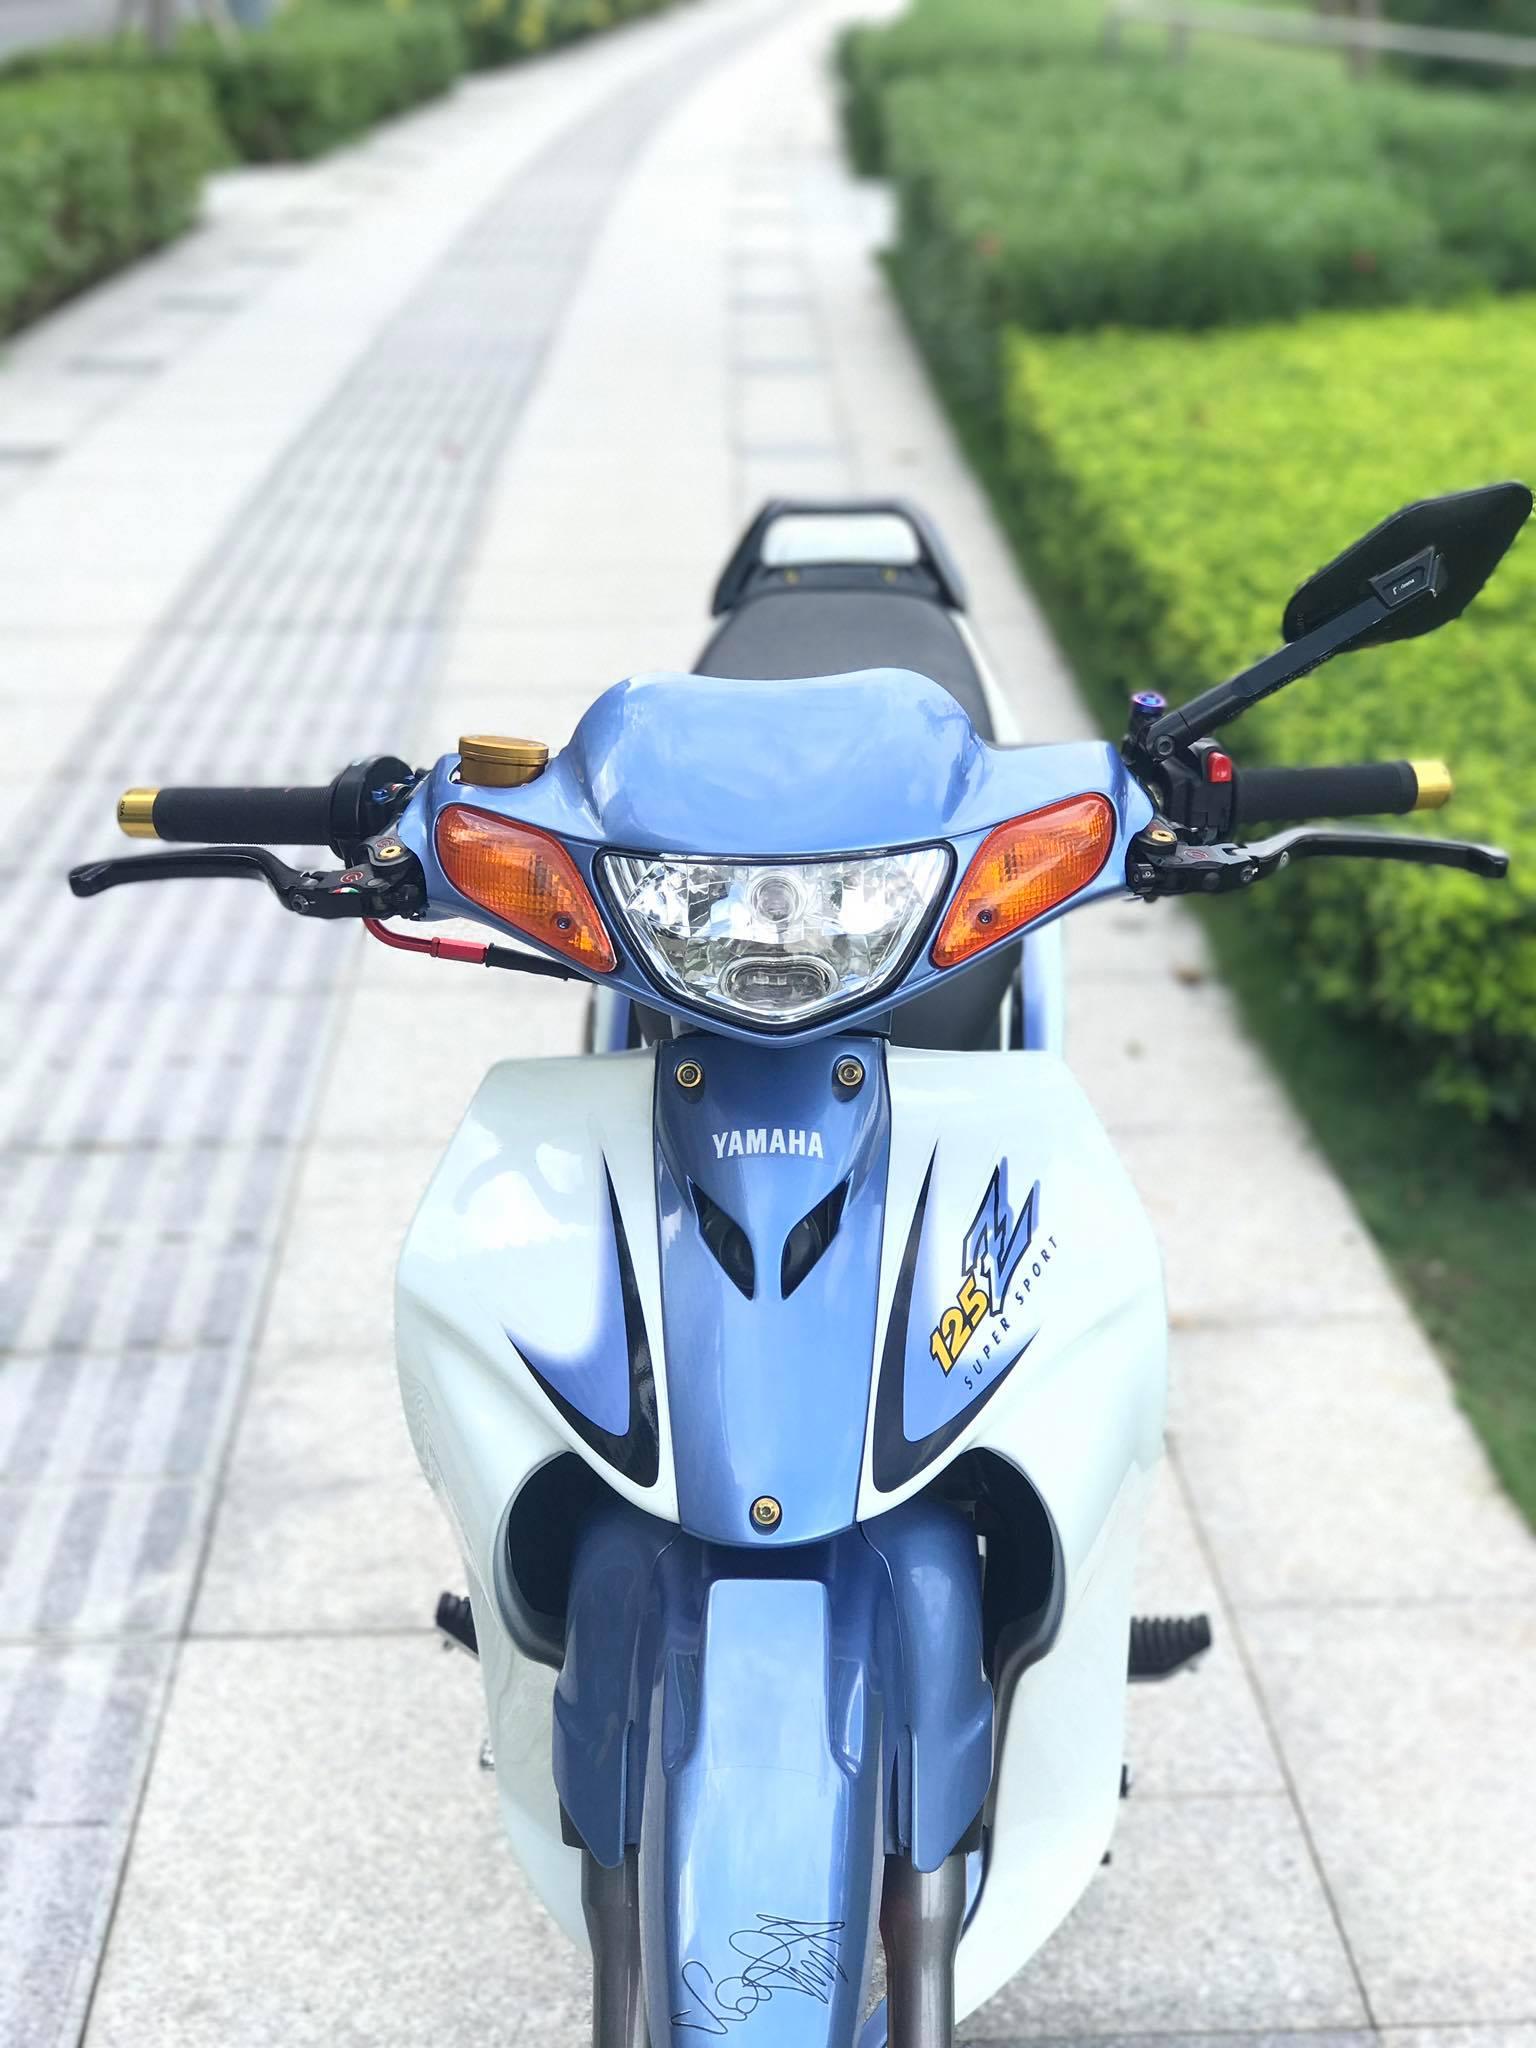 yamaha-125z-do-ca-tinh-voi-dan-chan-cuc-khung-tai-quan-2